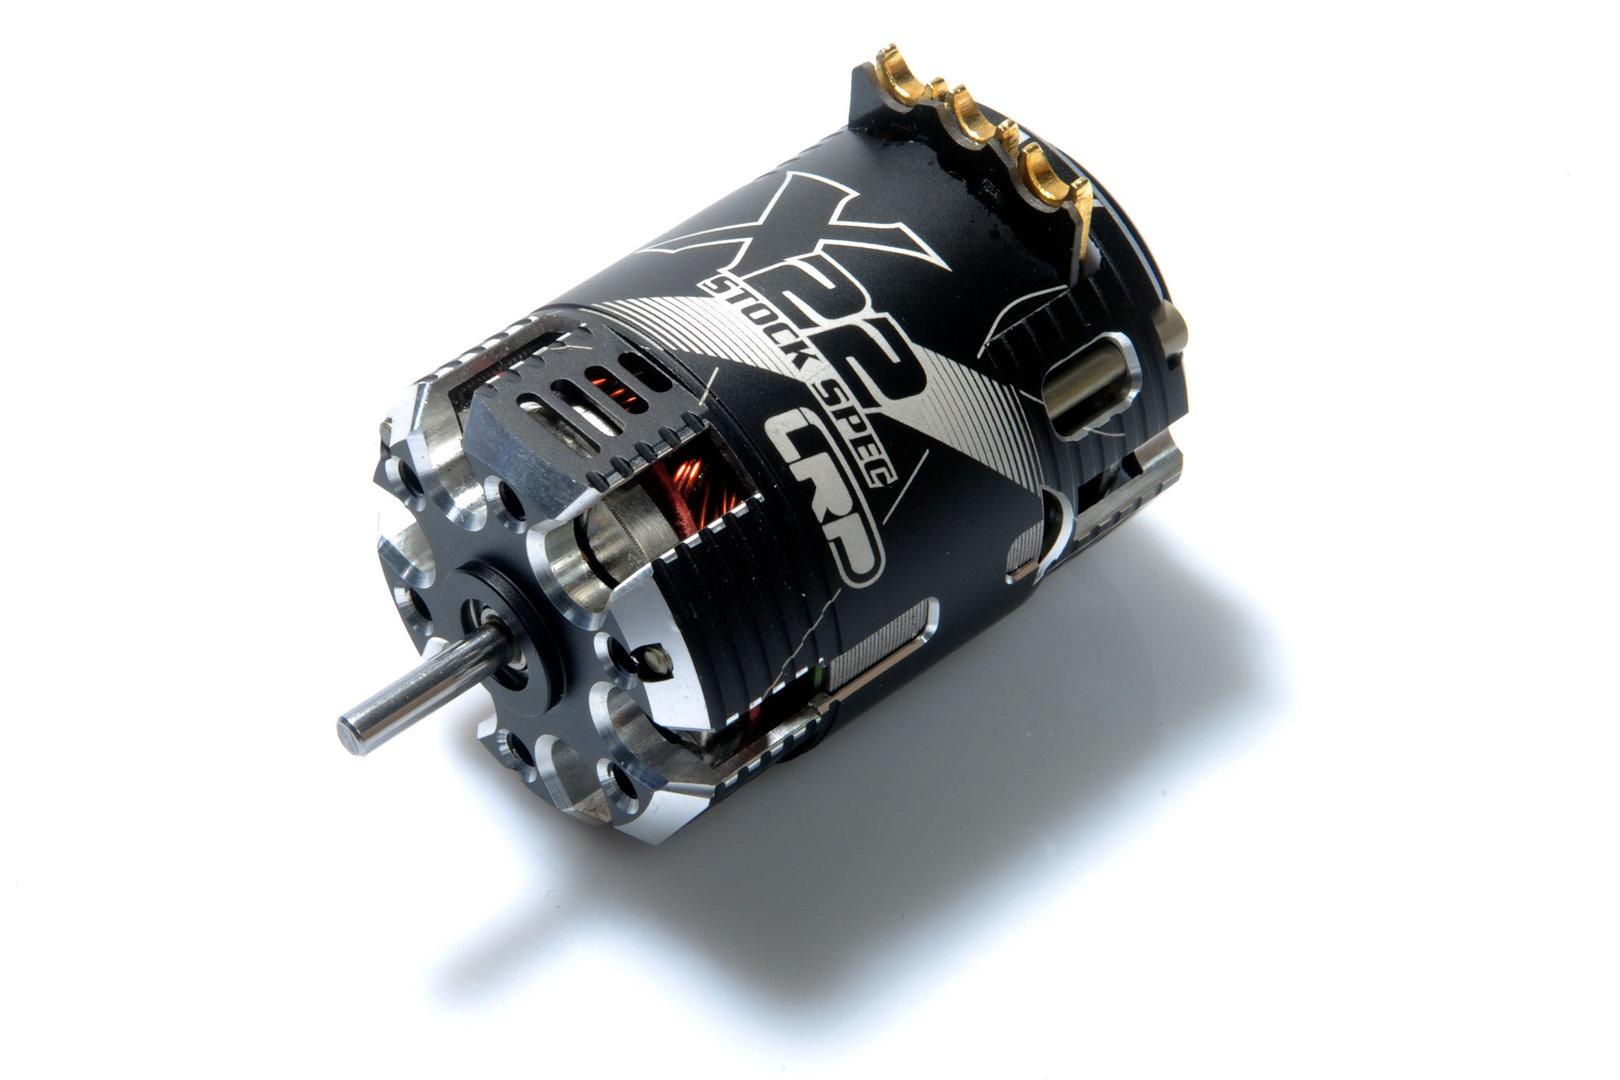 LRP 520201 - Vector X22 - Brushless Motor - Stock Spec - 13 5T